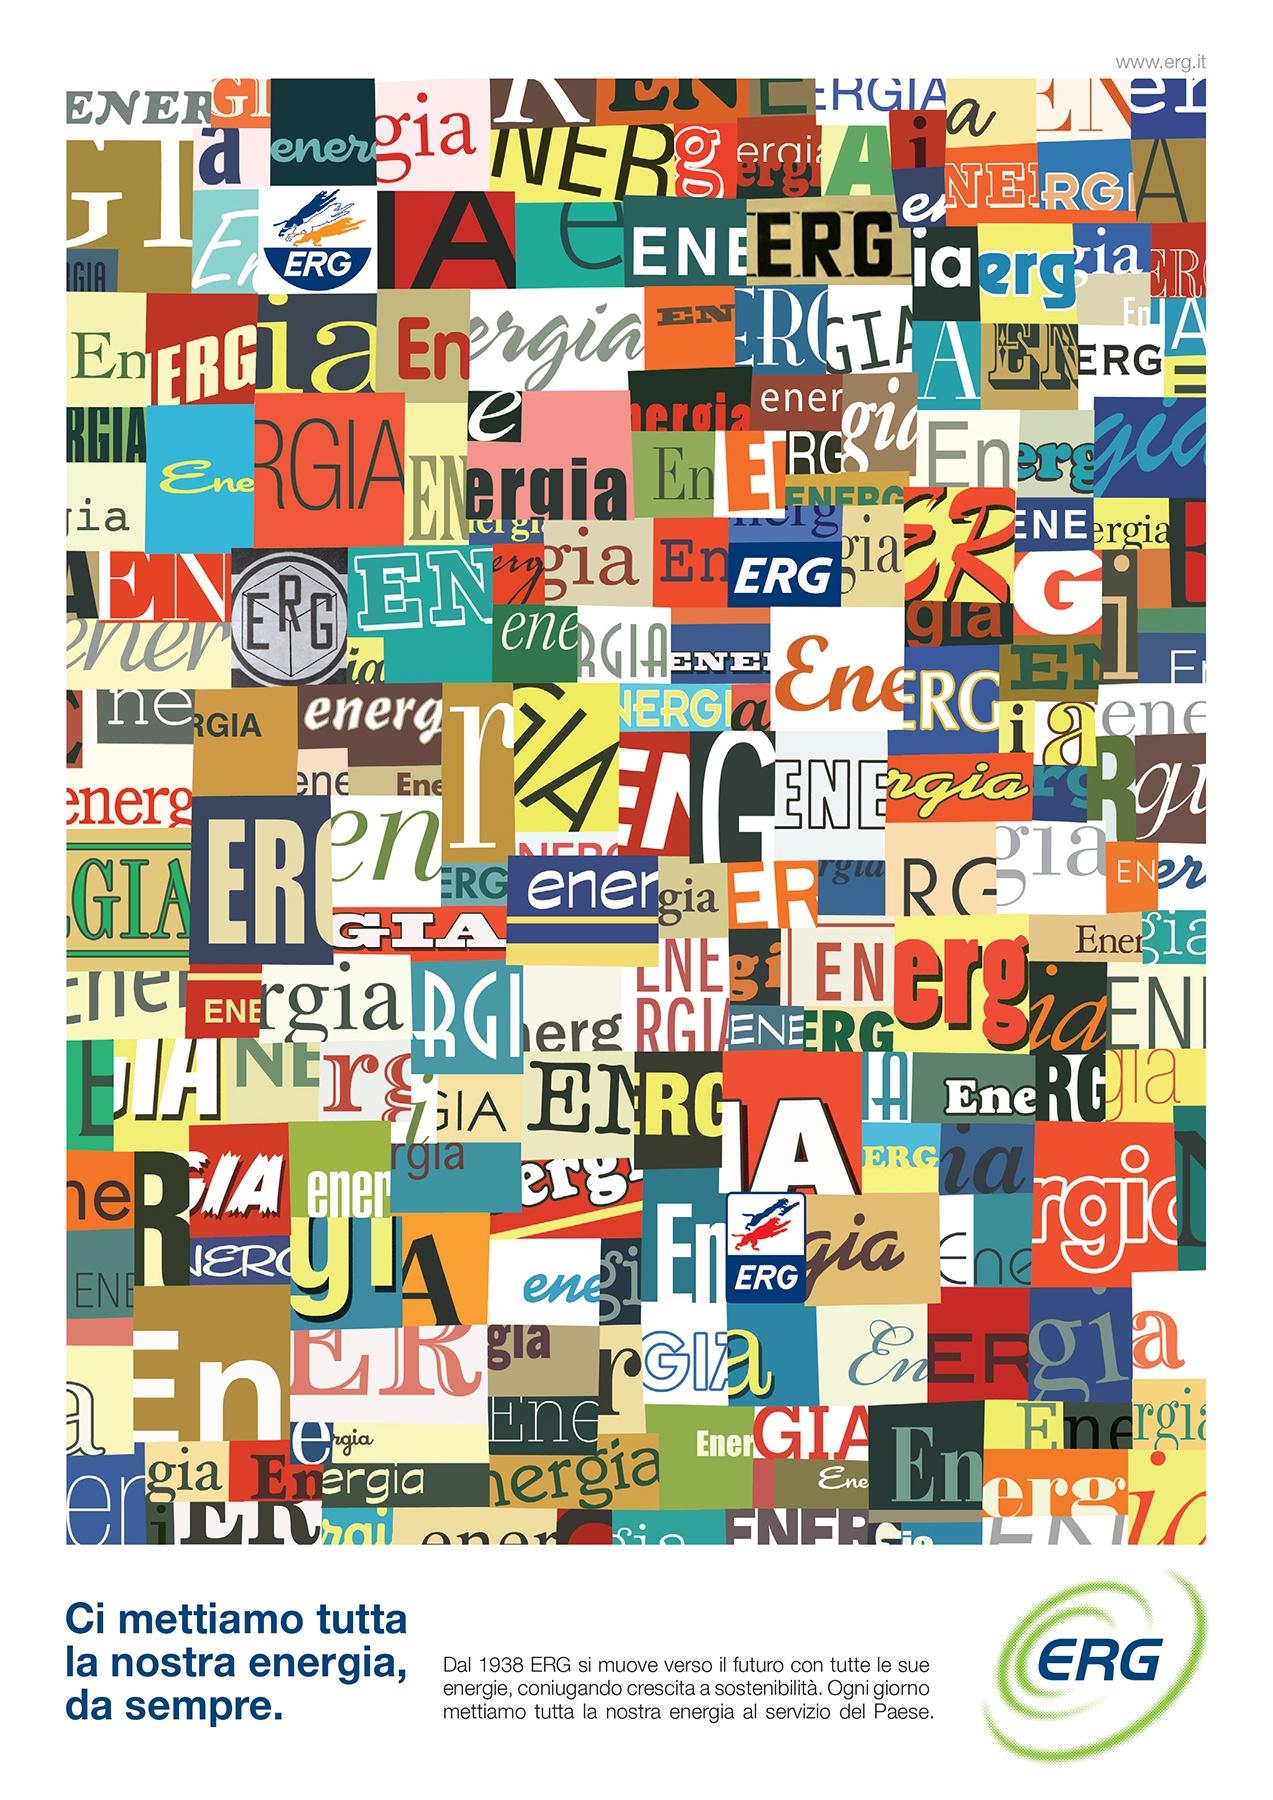 ERG realizzazre una campagna istituzionale OFG Advertising (2).jpg